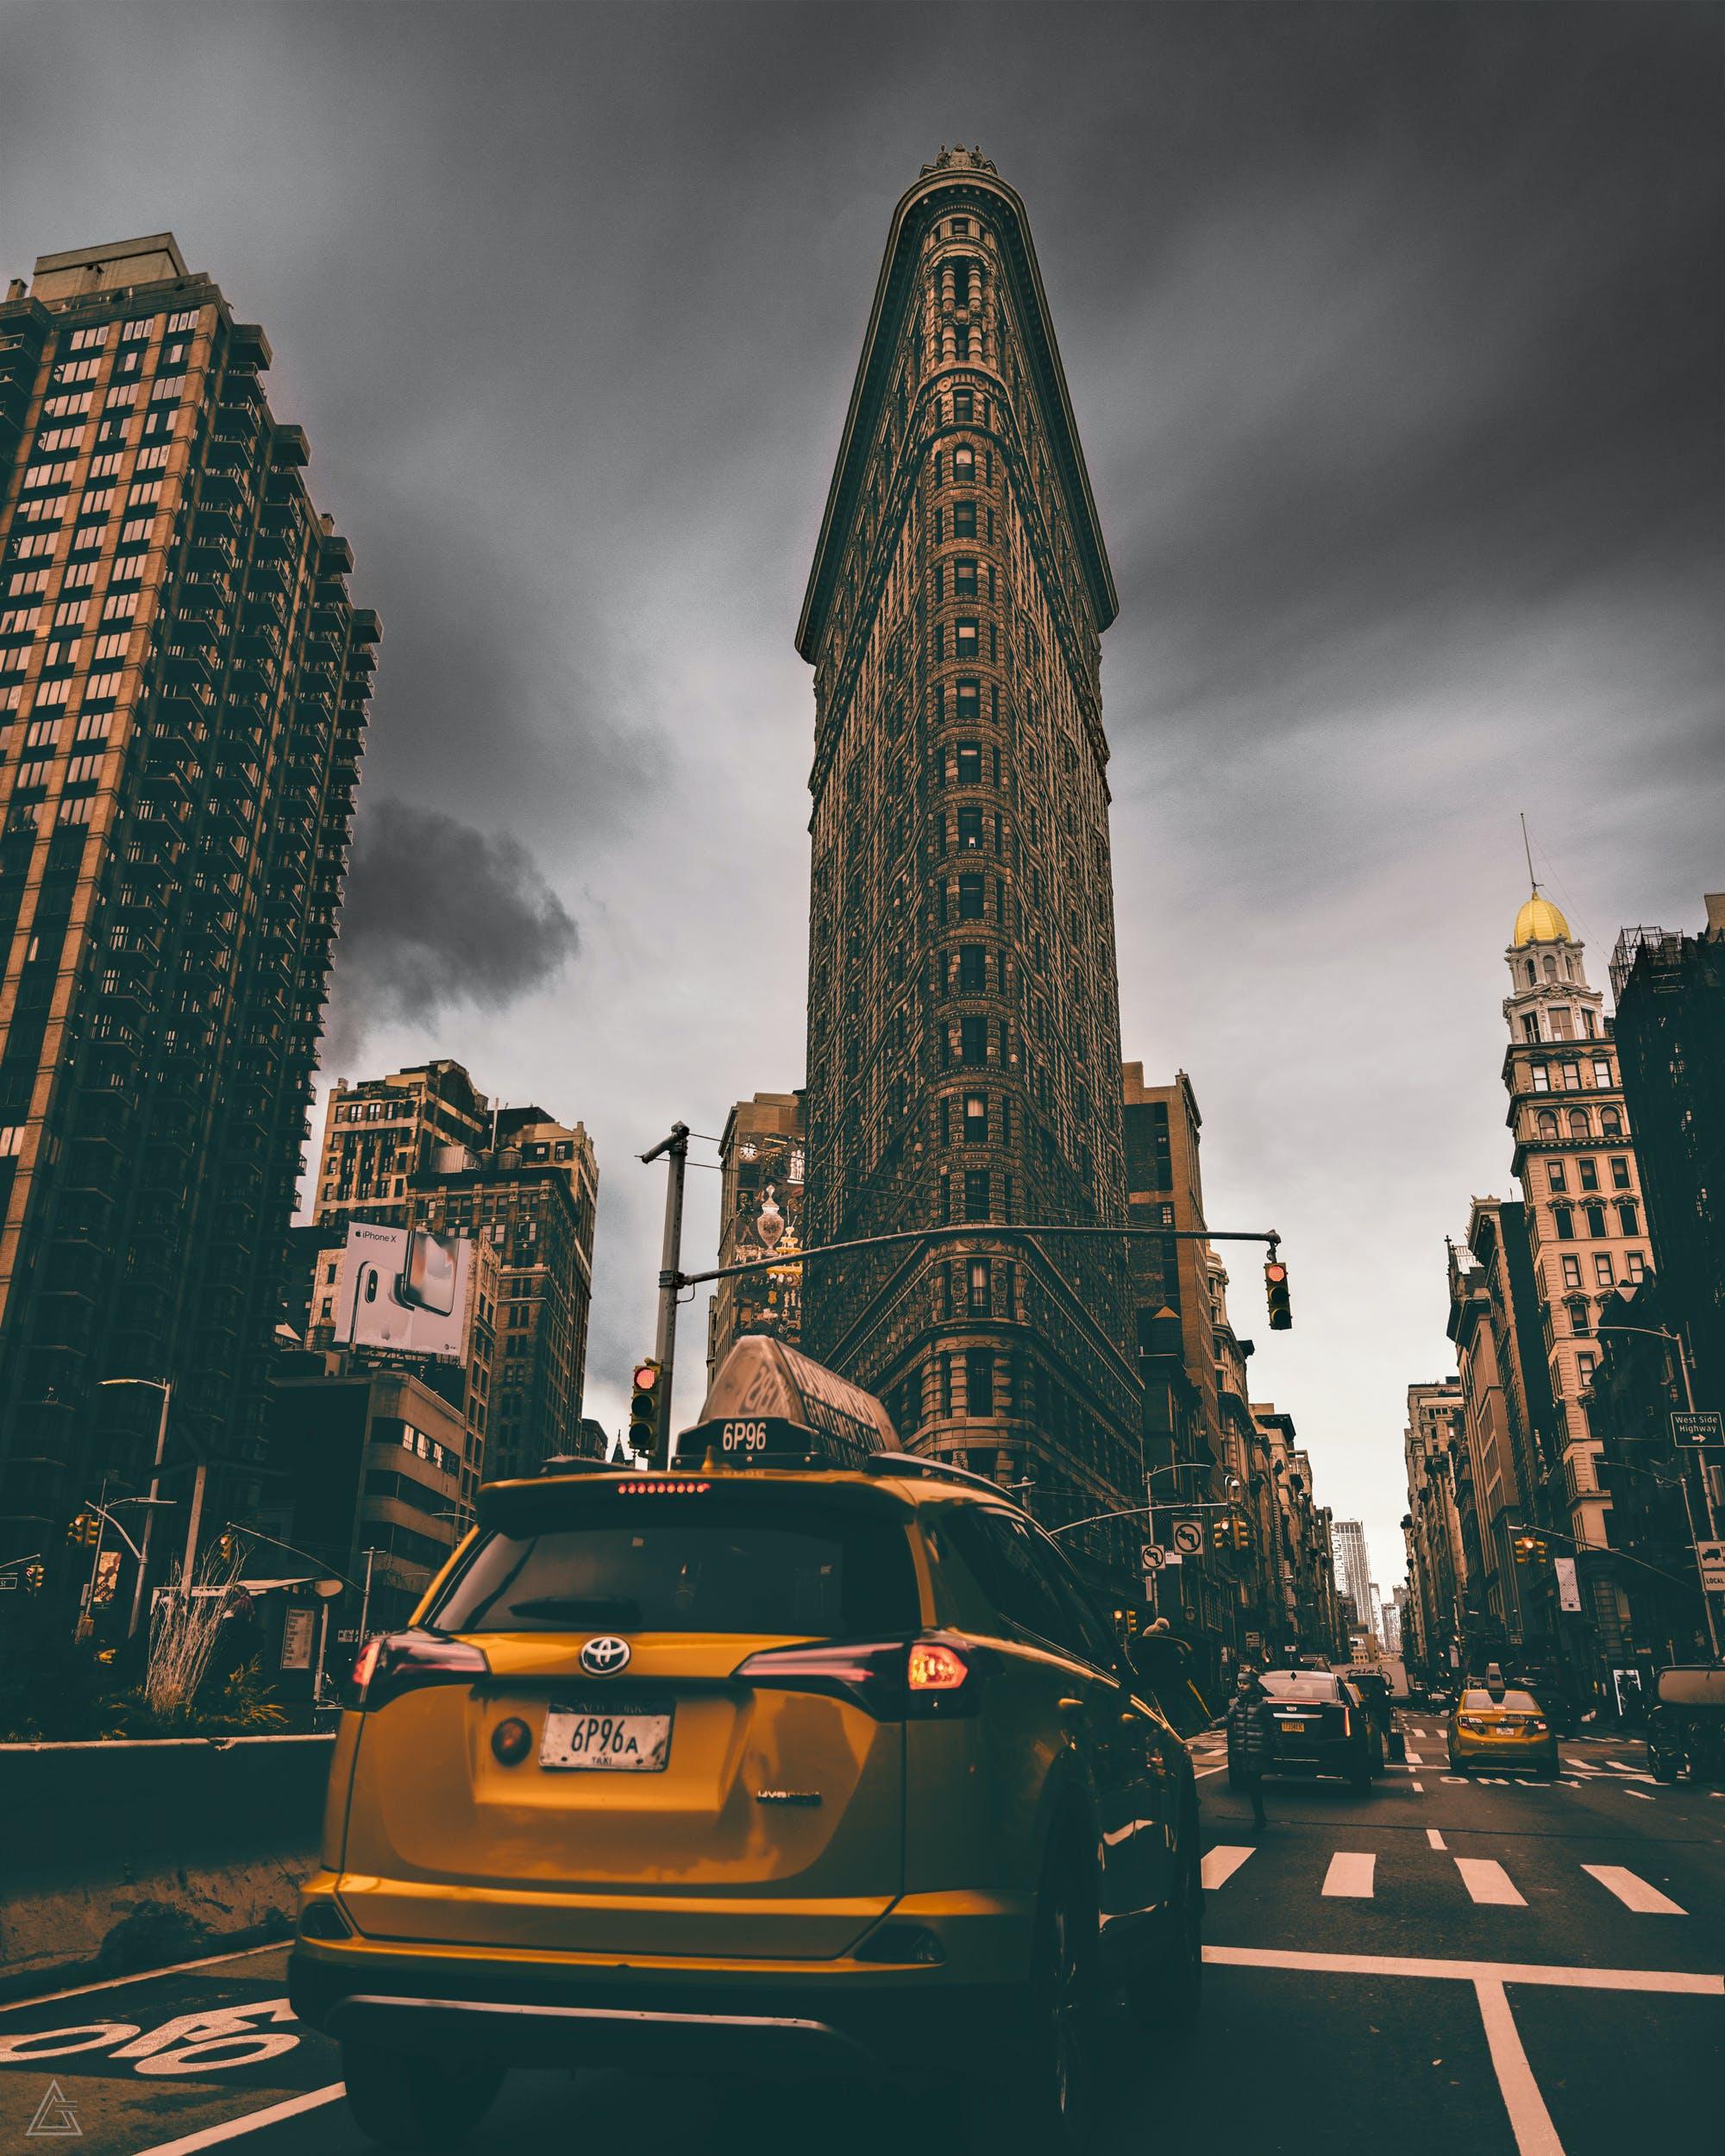 가장 높은, 거리, 건물, 건축의 무료 스톡 사진